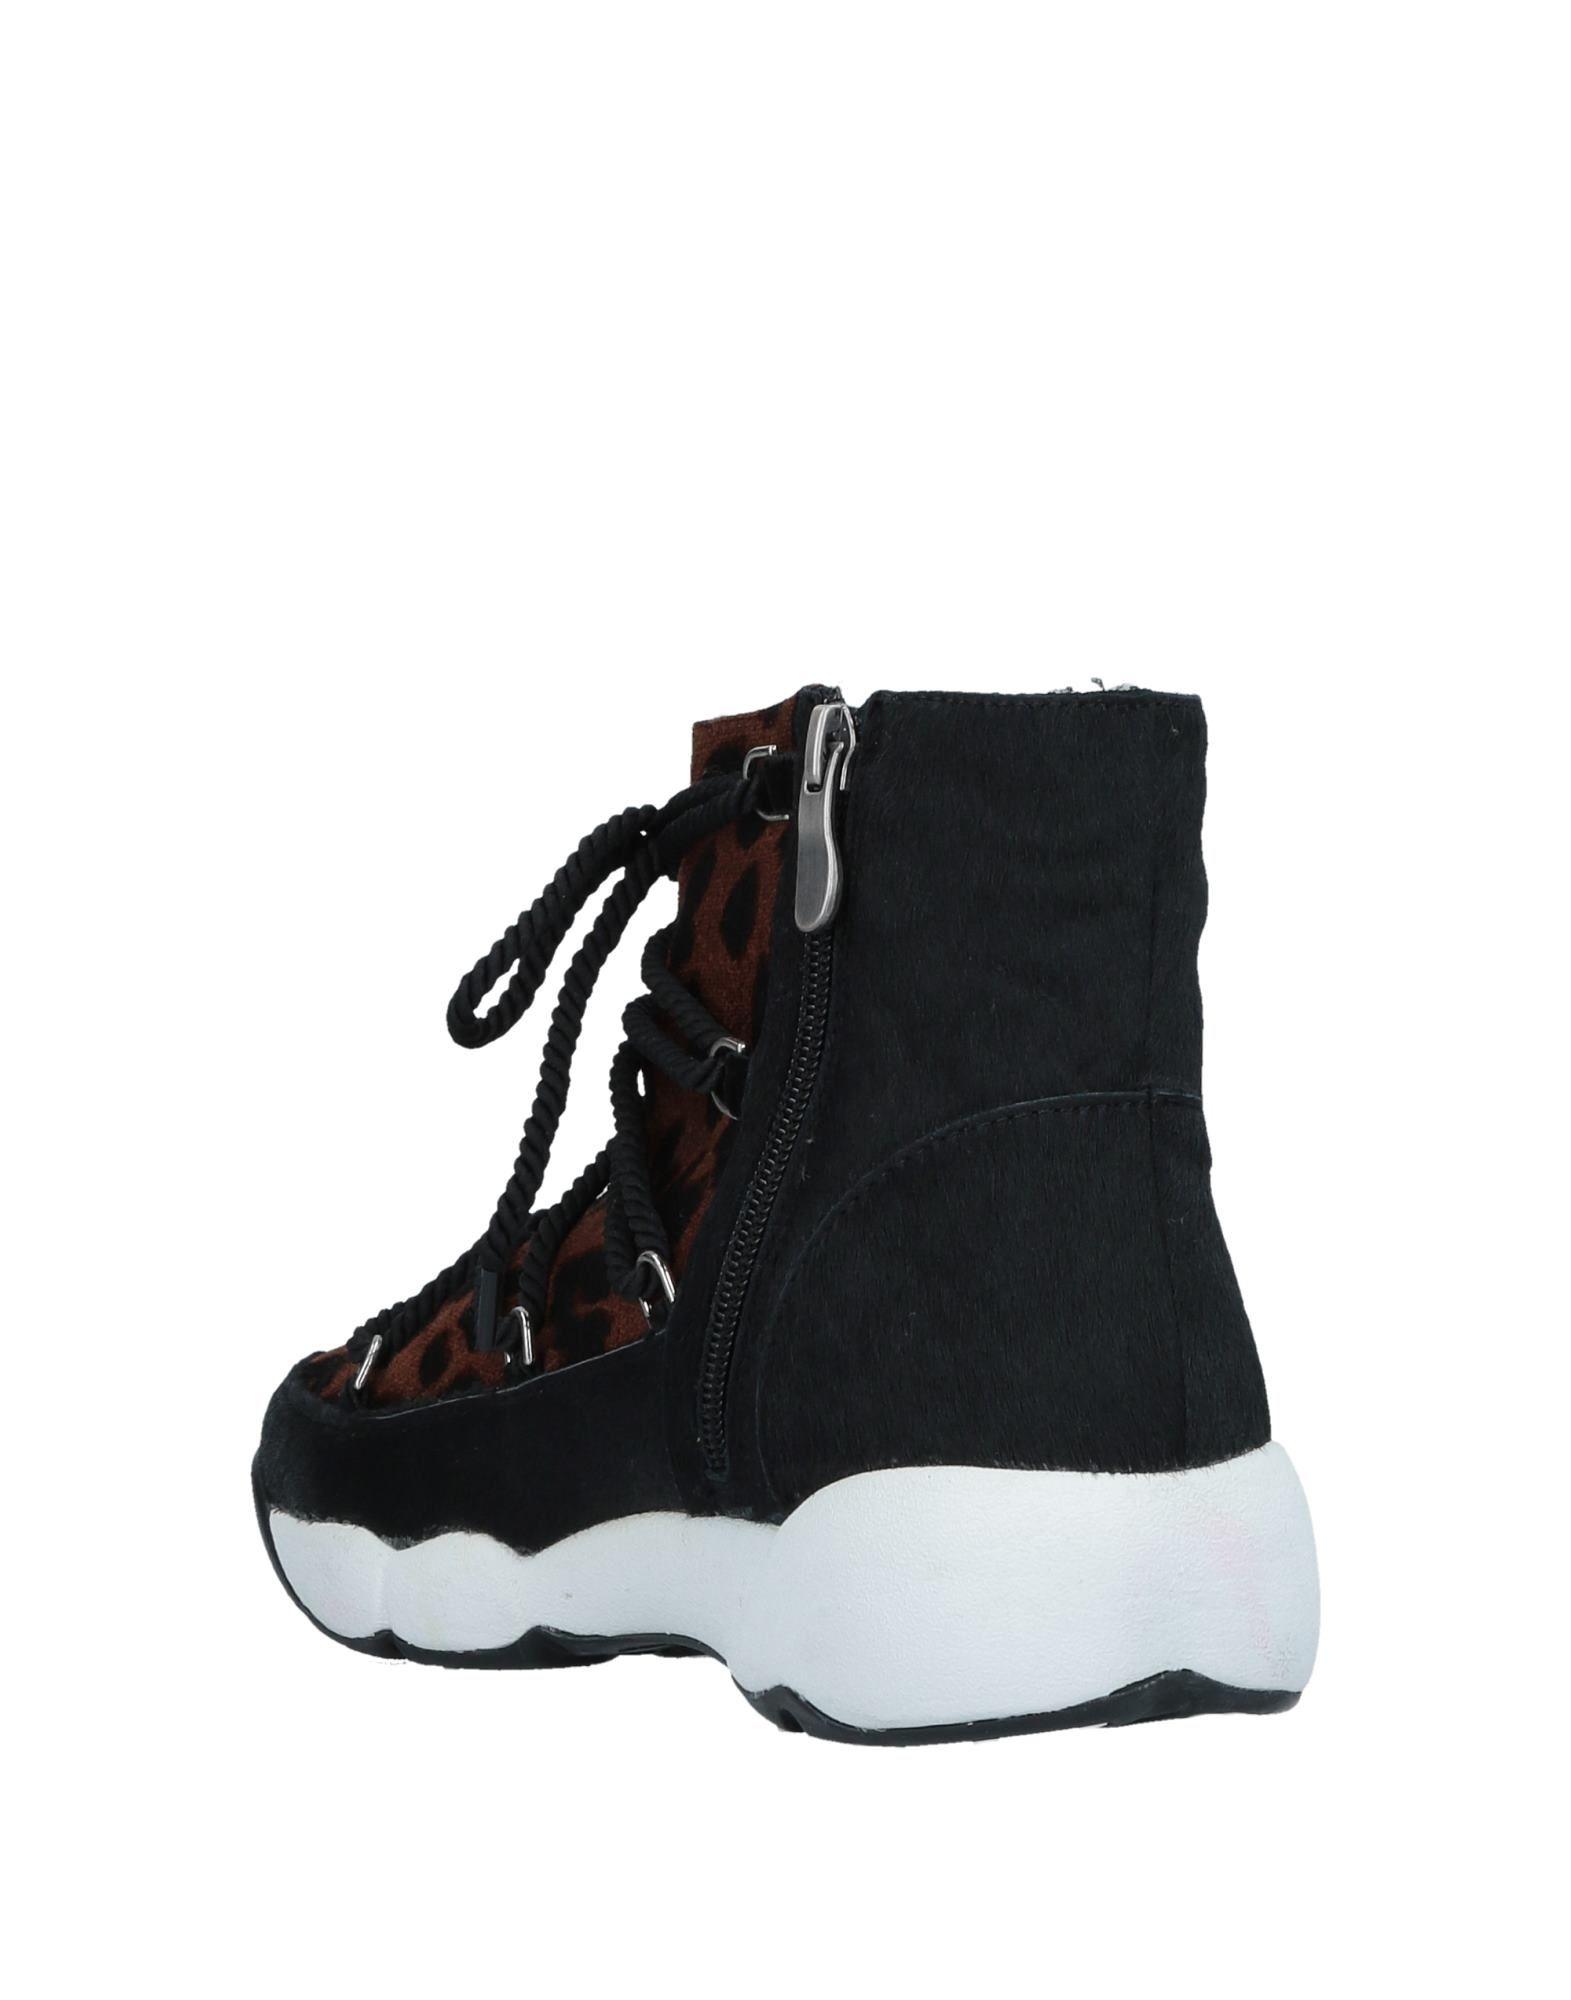 So•Queen Stiefelette Gute Damen  11527964BM Gute Stiefelette Qualität beliebte Schuhe be7f21